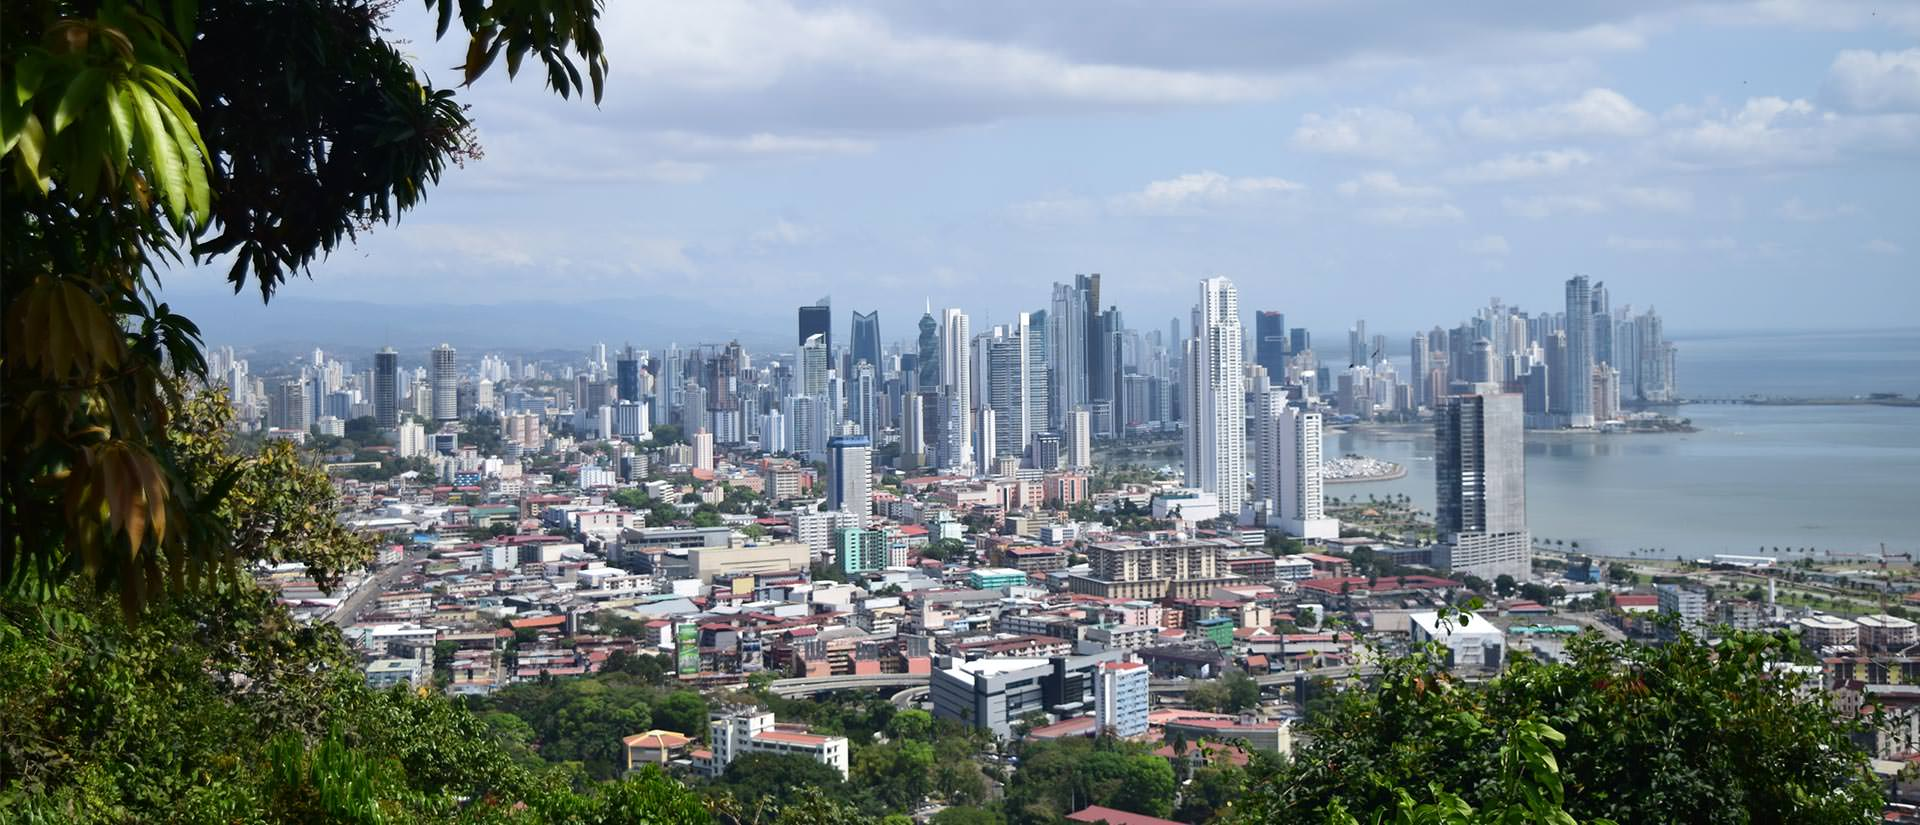 טיול מאורגן לפנמה עם החברה הגיאוגרפית